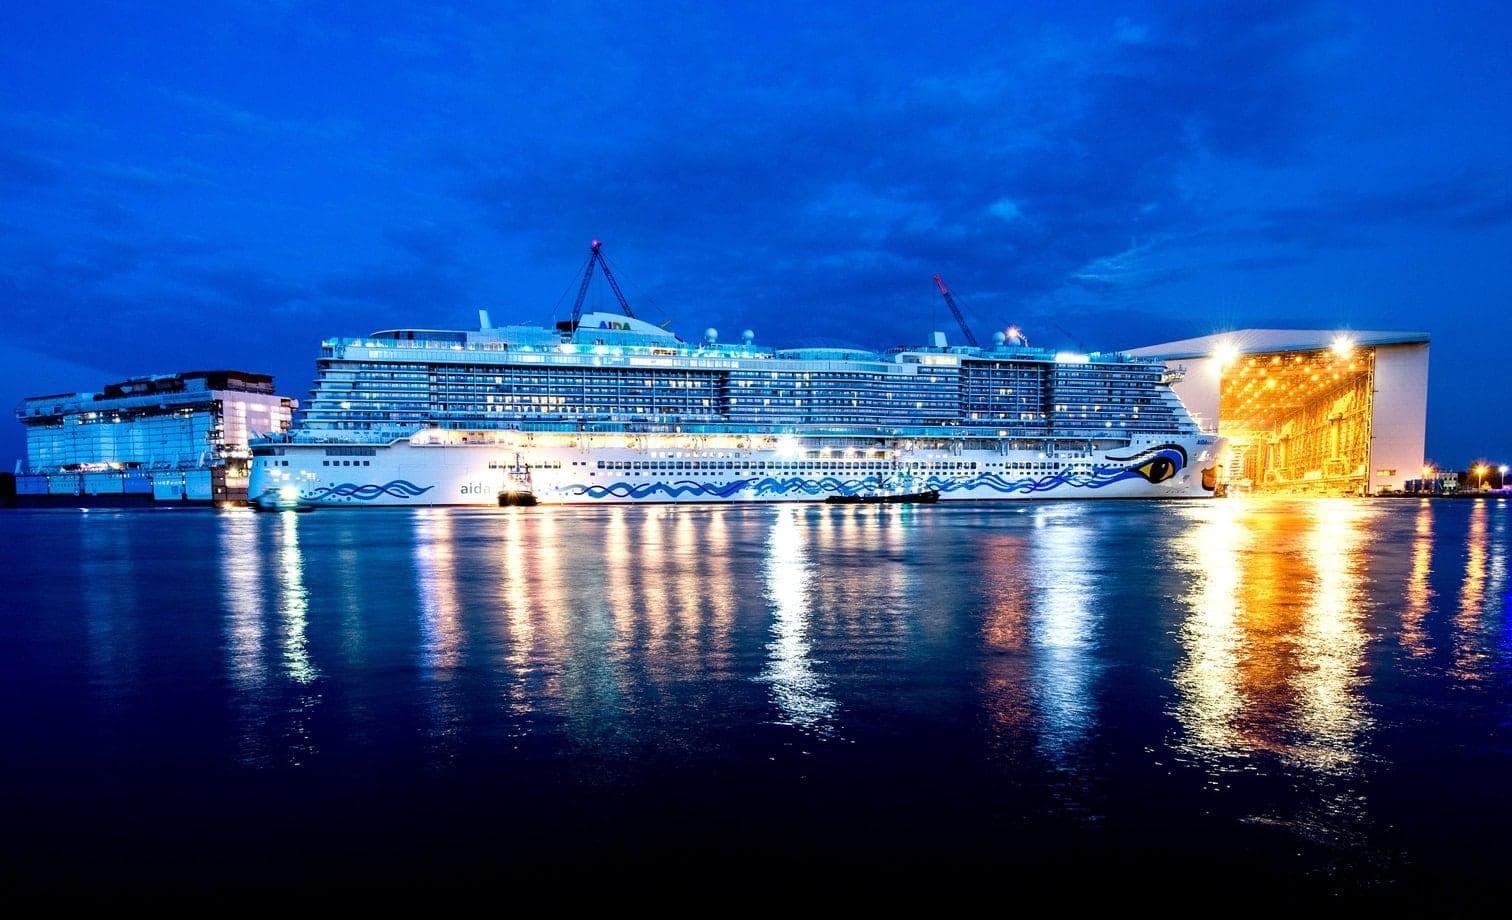 <p>Das Kreuzfahrtunternehmen AIDA Cruises hat am Freitagabend sein neuestes Schiff AIDAnova getauft. Auf dem komplett ausverkauften AIDA Open Air fand auf dem Gelände der Meyer Werft in Papenburg vor 25.000 Zuschauern die spektakuläre Taufshow statt.</p> Foto: dpa